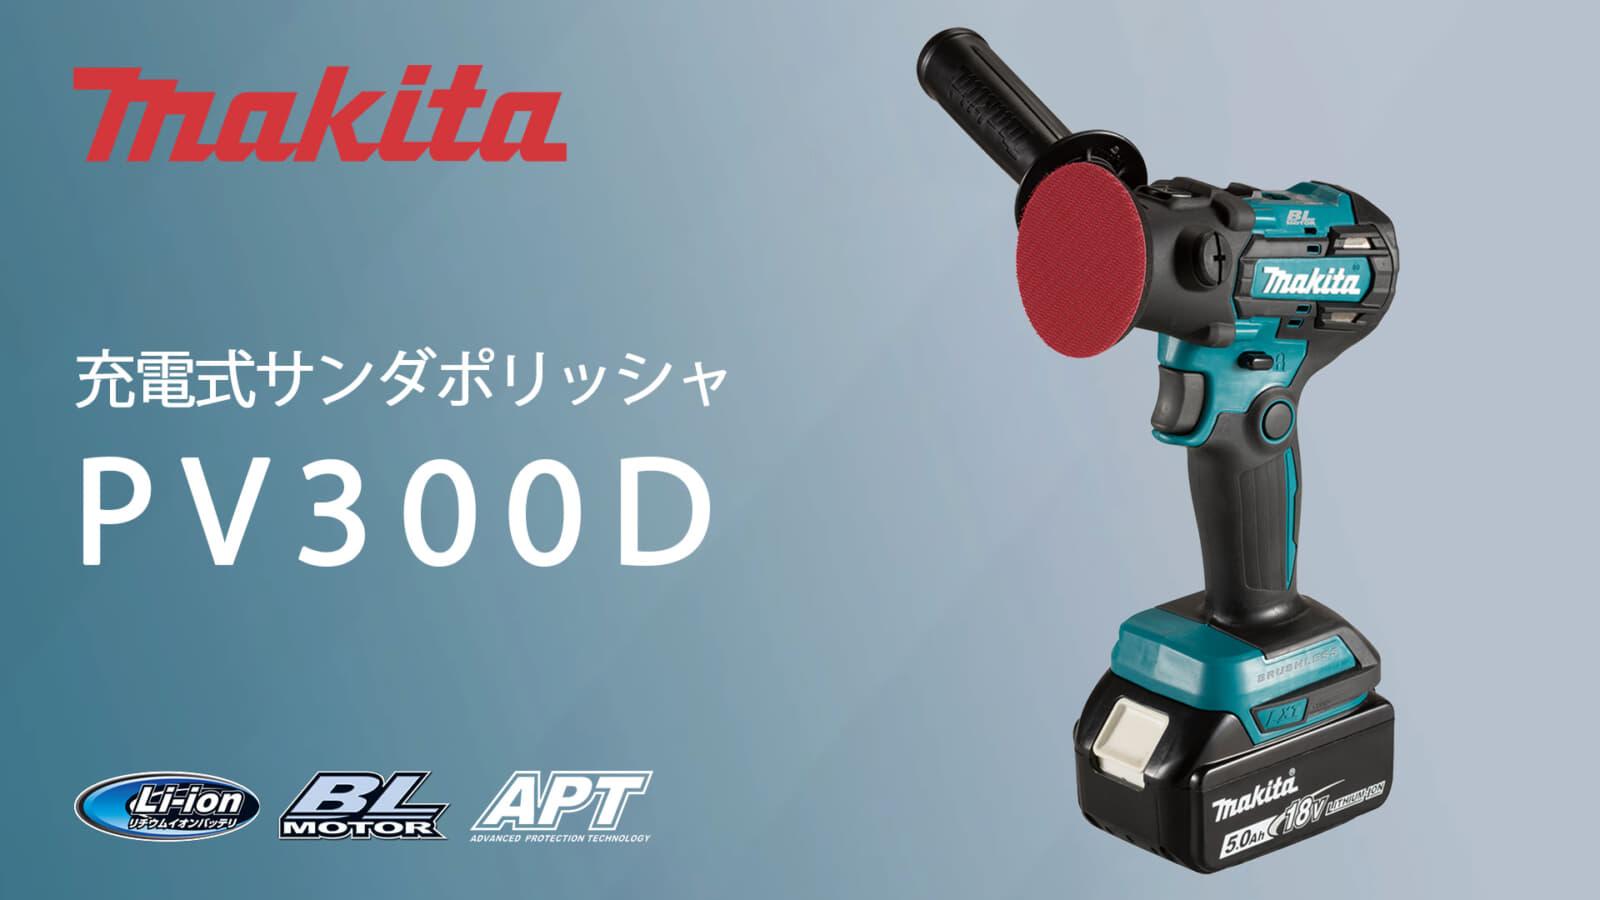 マキタ PV300D 充電式サンダポリッシャ発売、狭所や曲線に最適な小型モデル